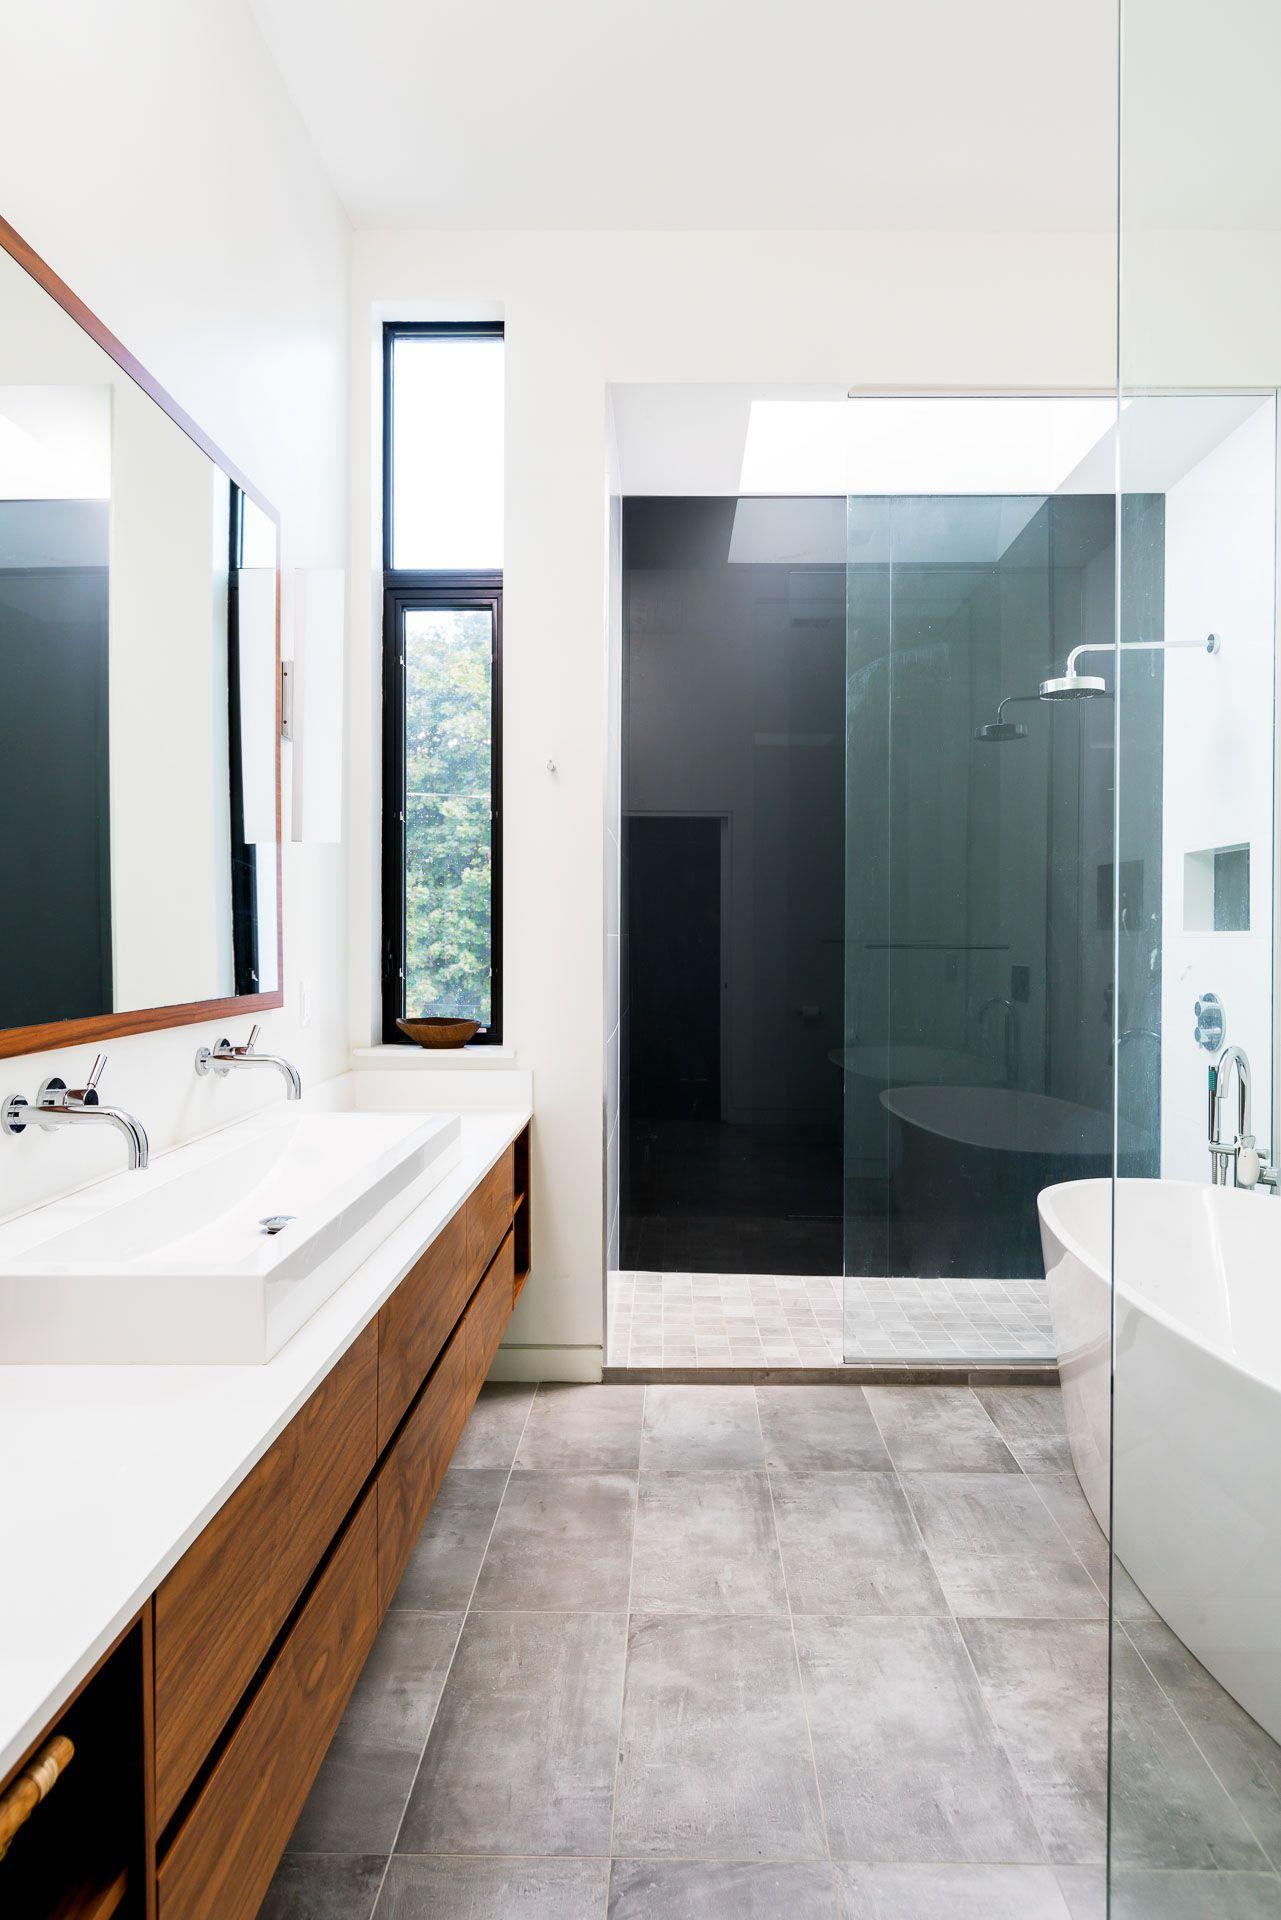 Riverdale h bathroom bathroom pinterest